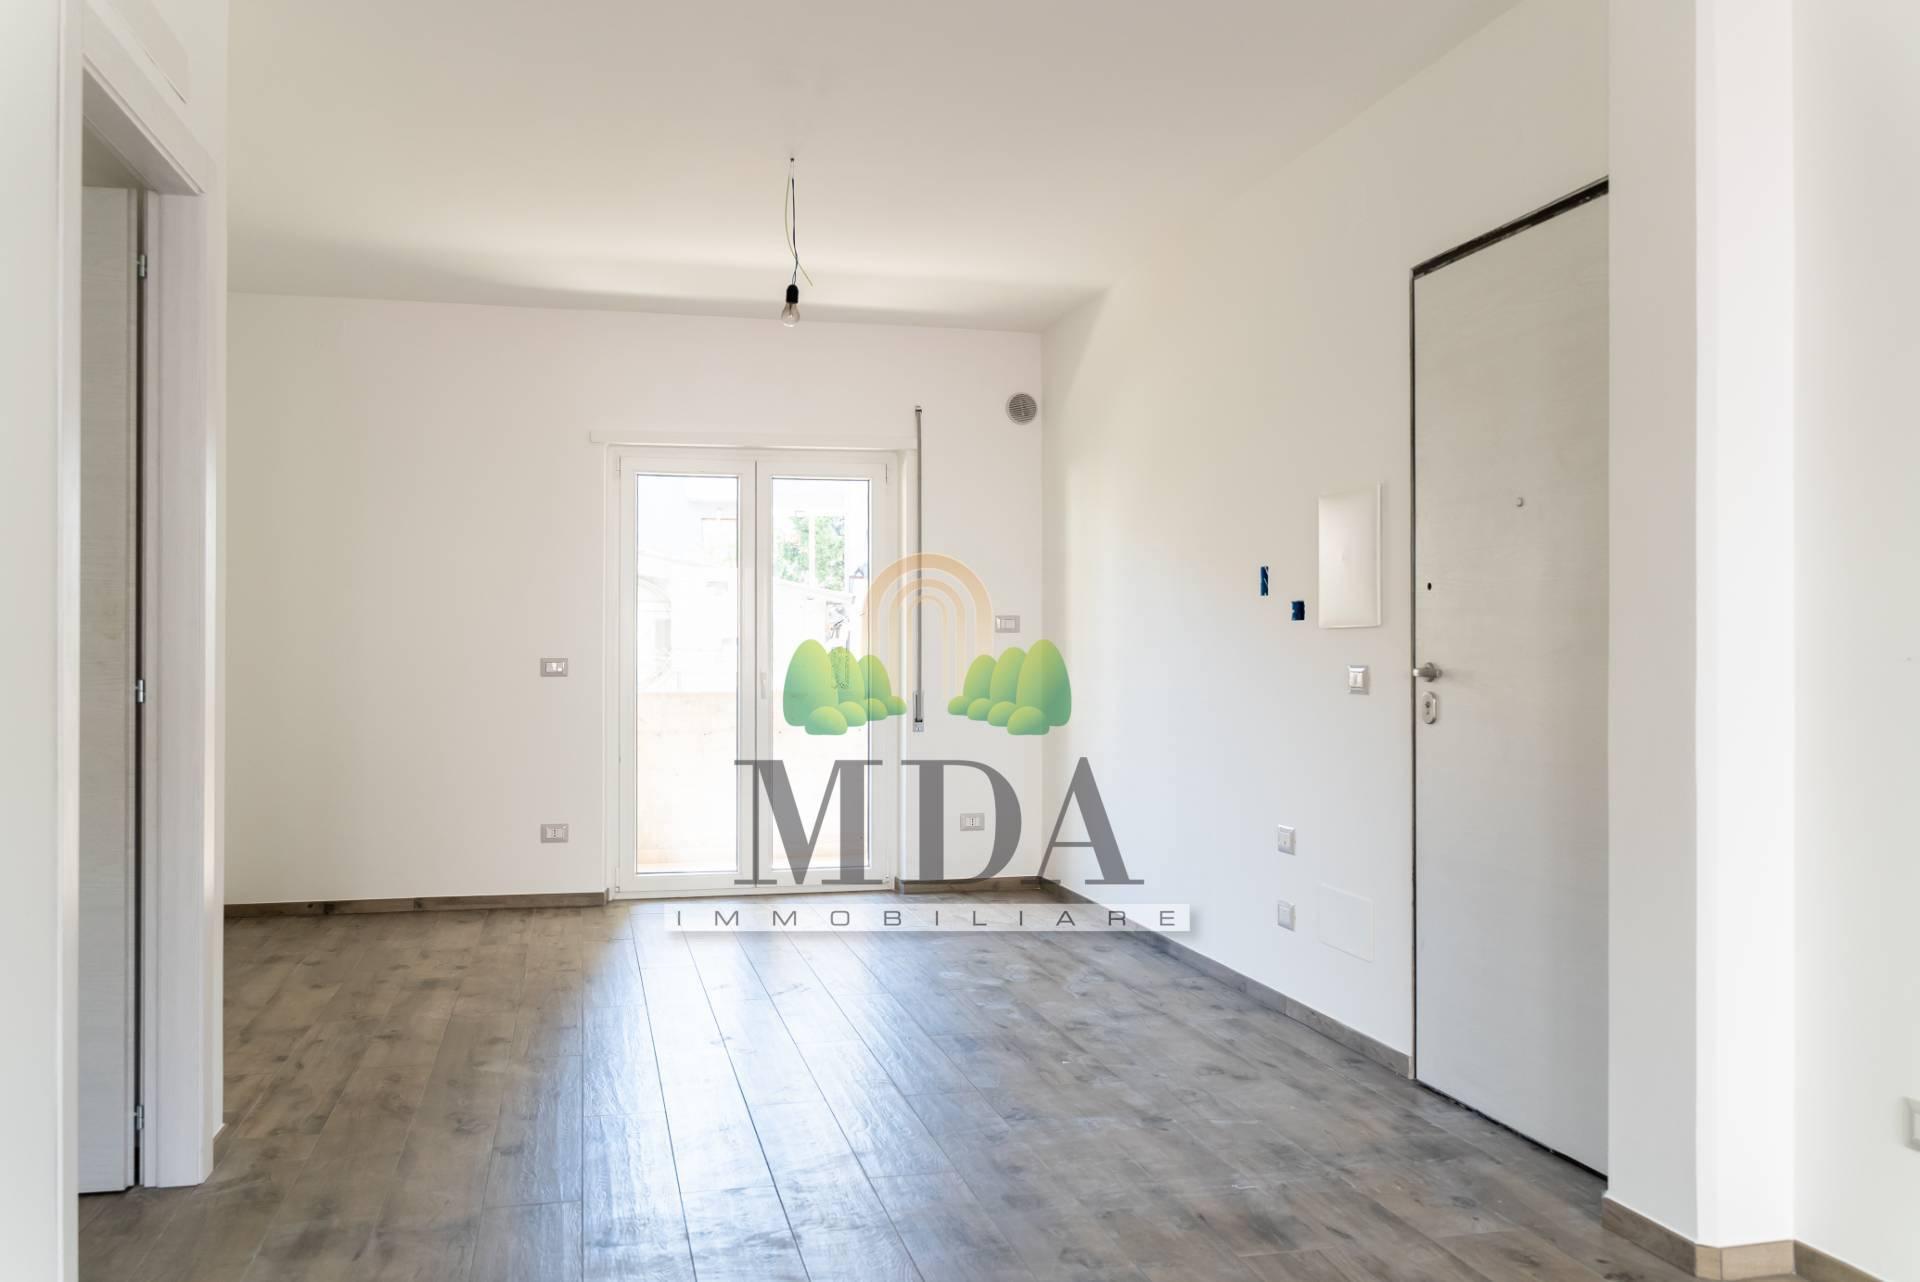 Appartamento in vendita a Martinsicuro, 5 locali, zona Località: VillaRosa, prezzo € 158.000 | PortaleAgenzieImmobiliari.it